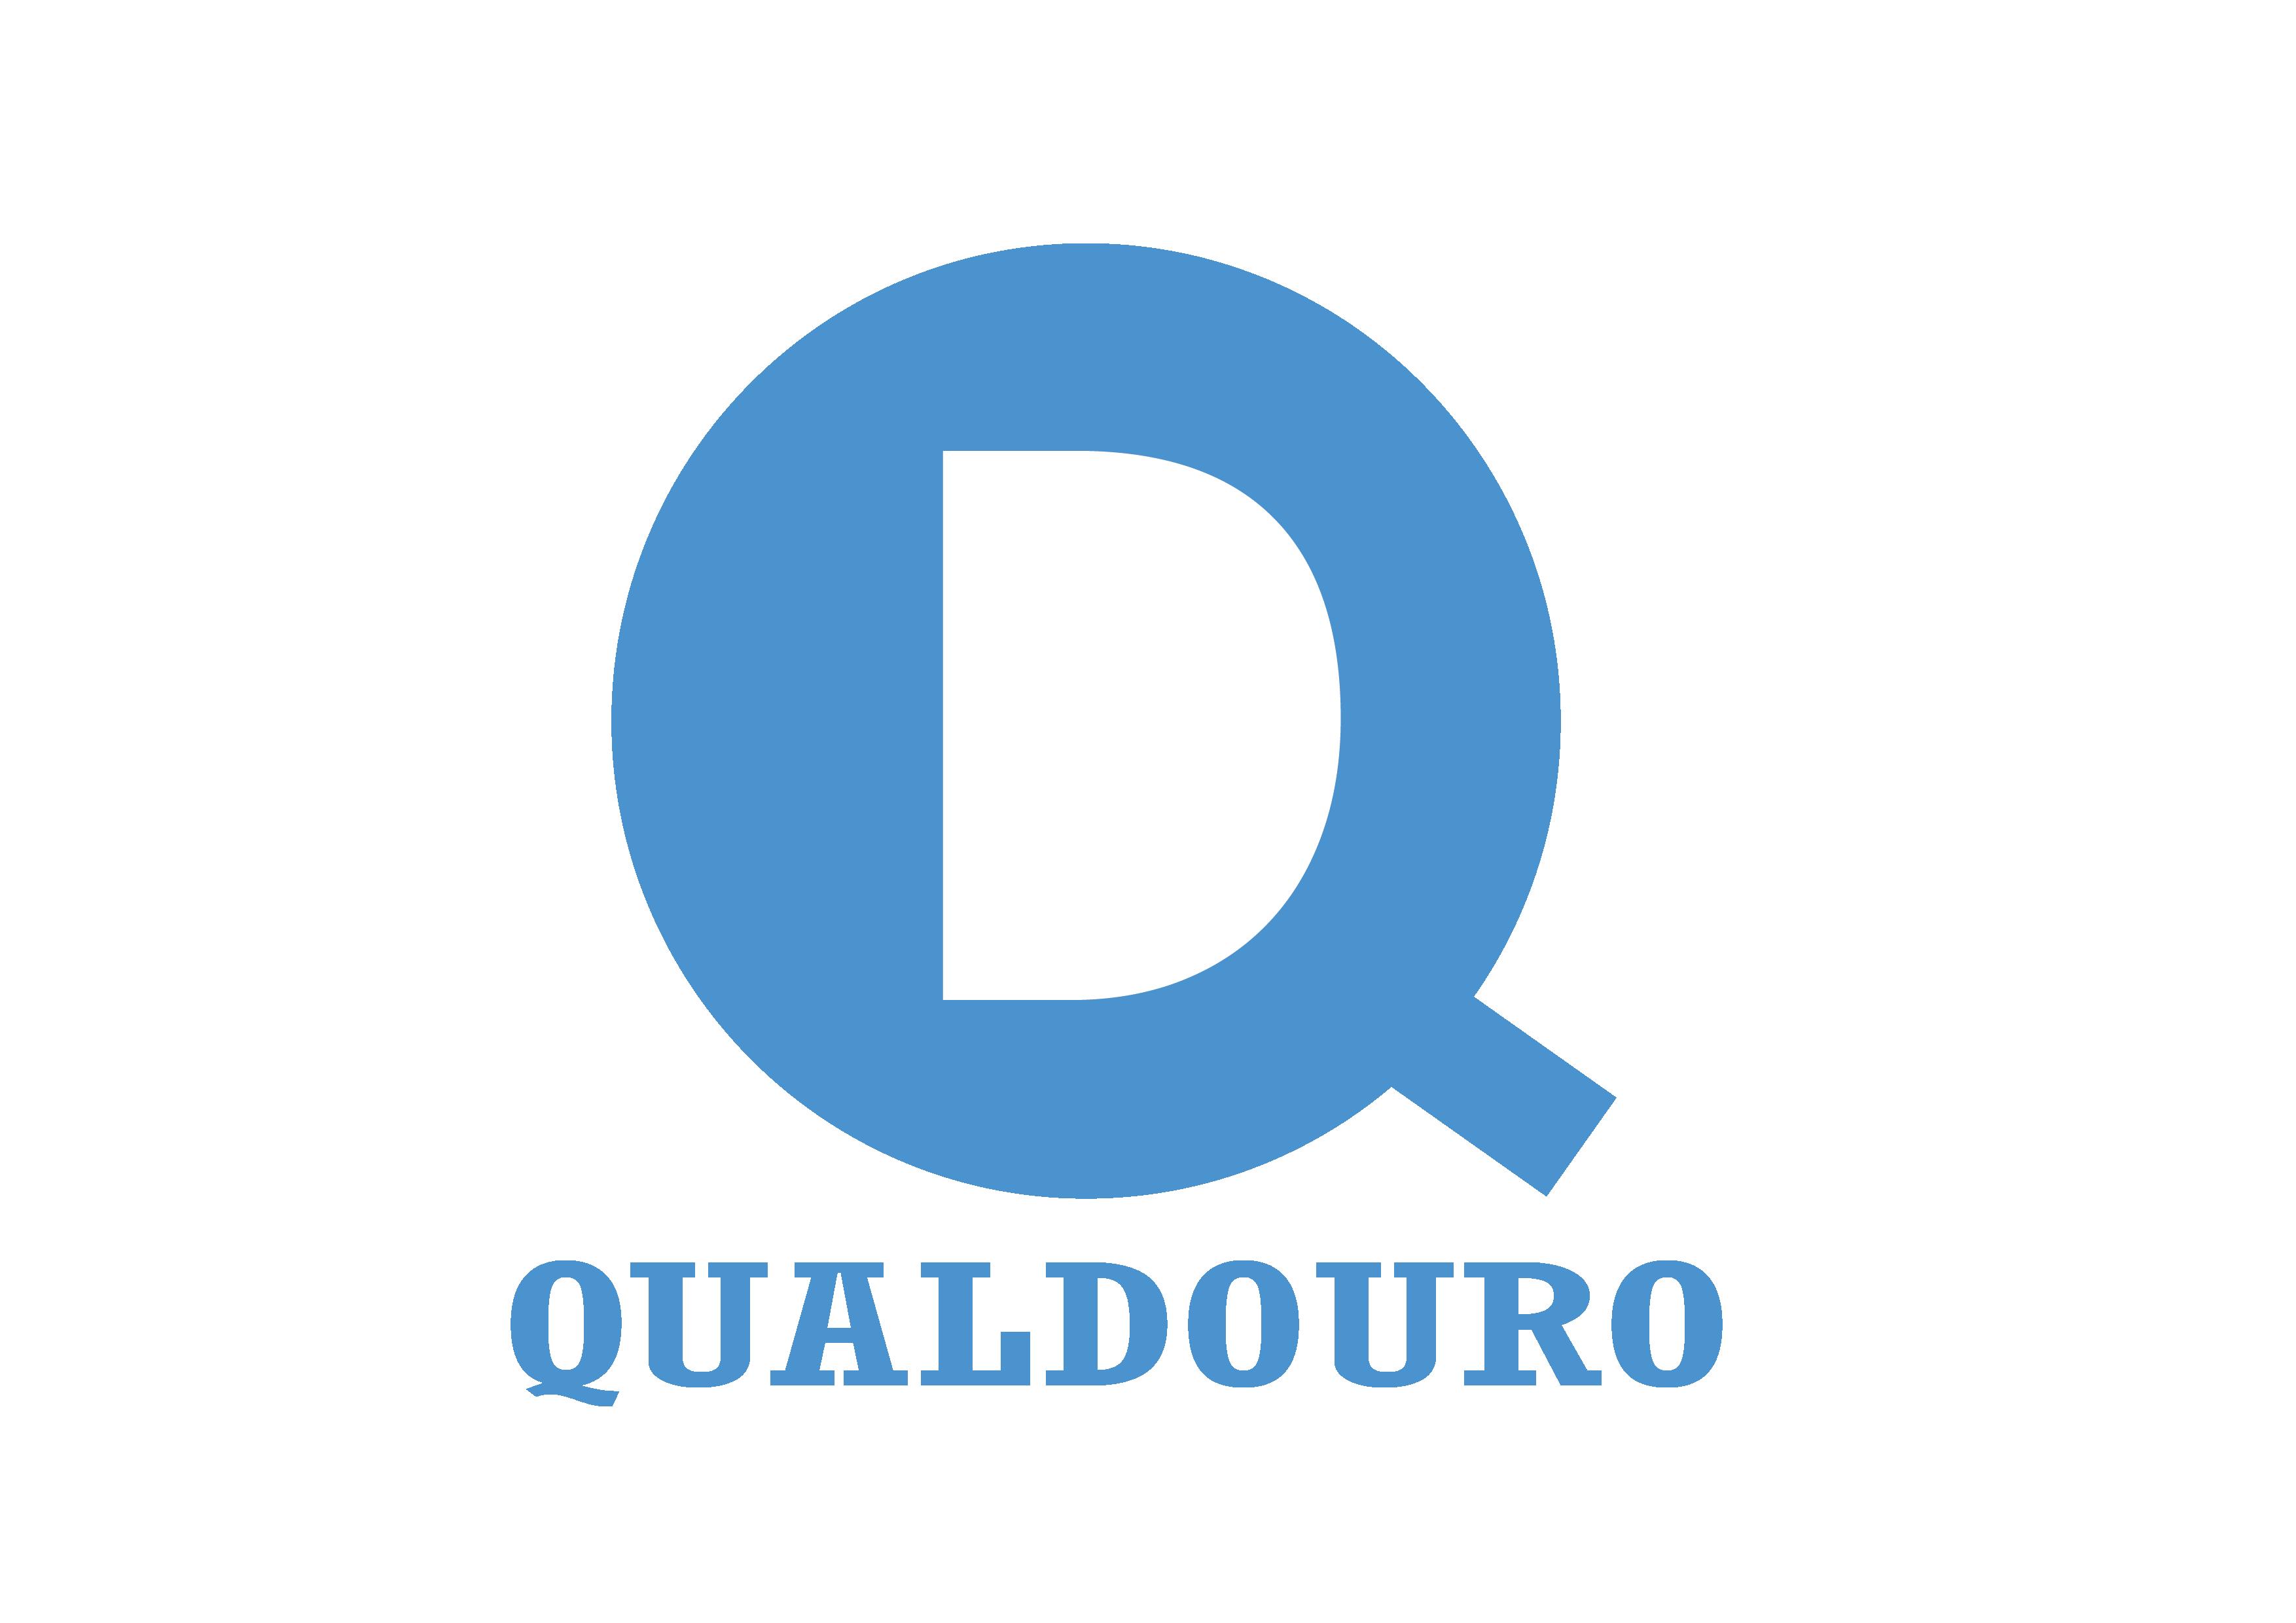 Qualdouro